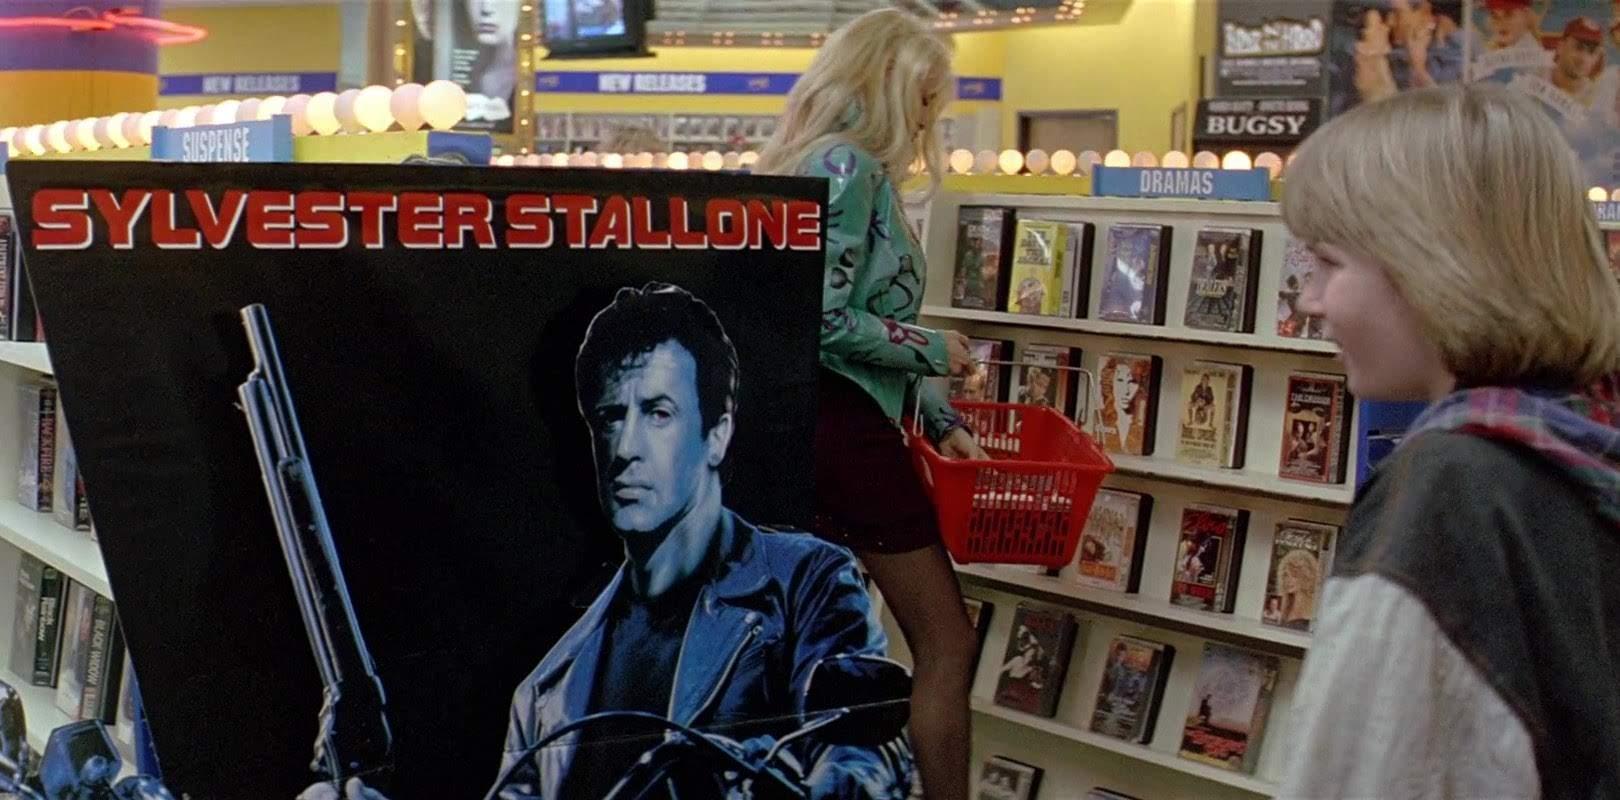 Terminator 2 starring Sylvester Stallone :「ターミネーター」シリーズの最新作「ダーク・フェイト」の前作にあたる「T 2」の主演が、もしも、シュワちゃんではなく、スタローン隊長だったなら… ? !